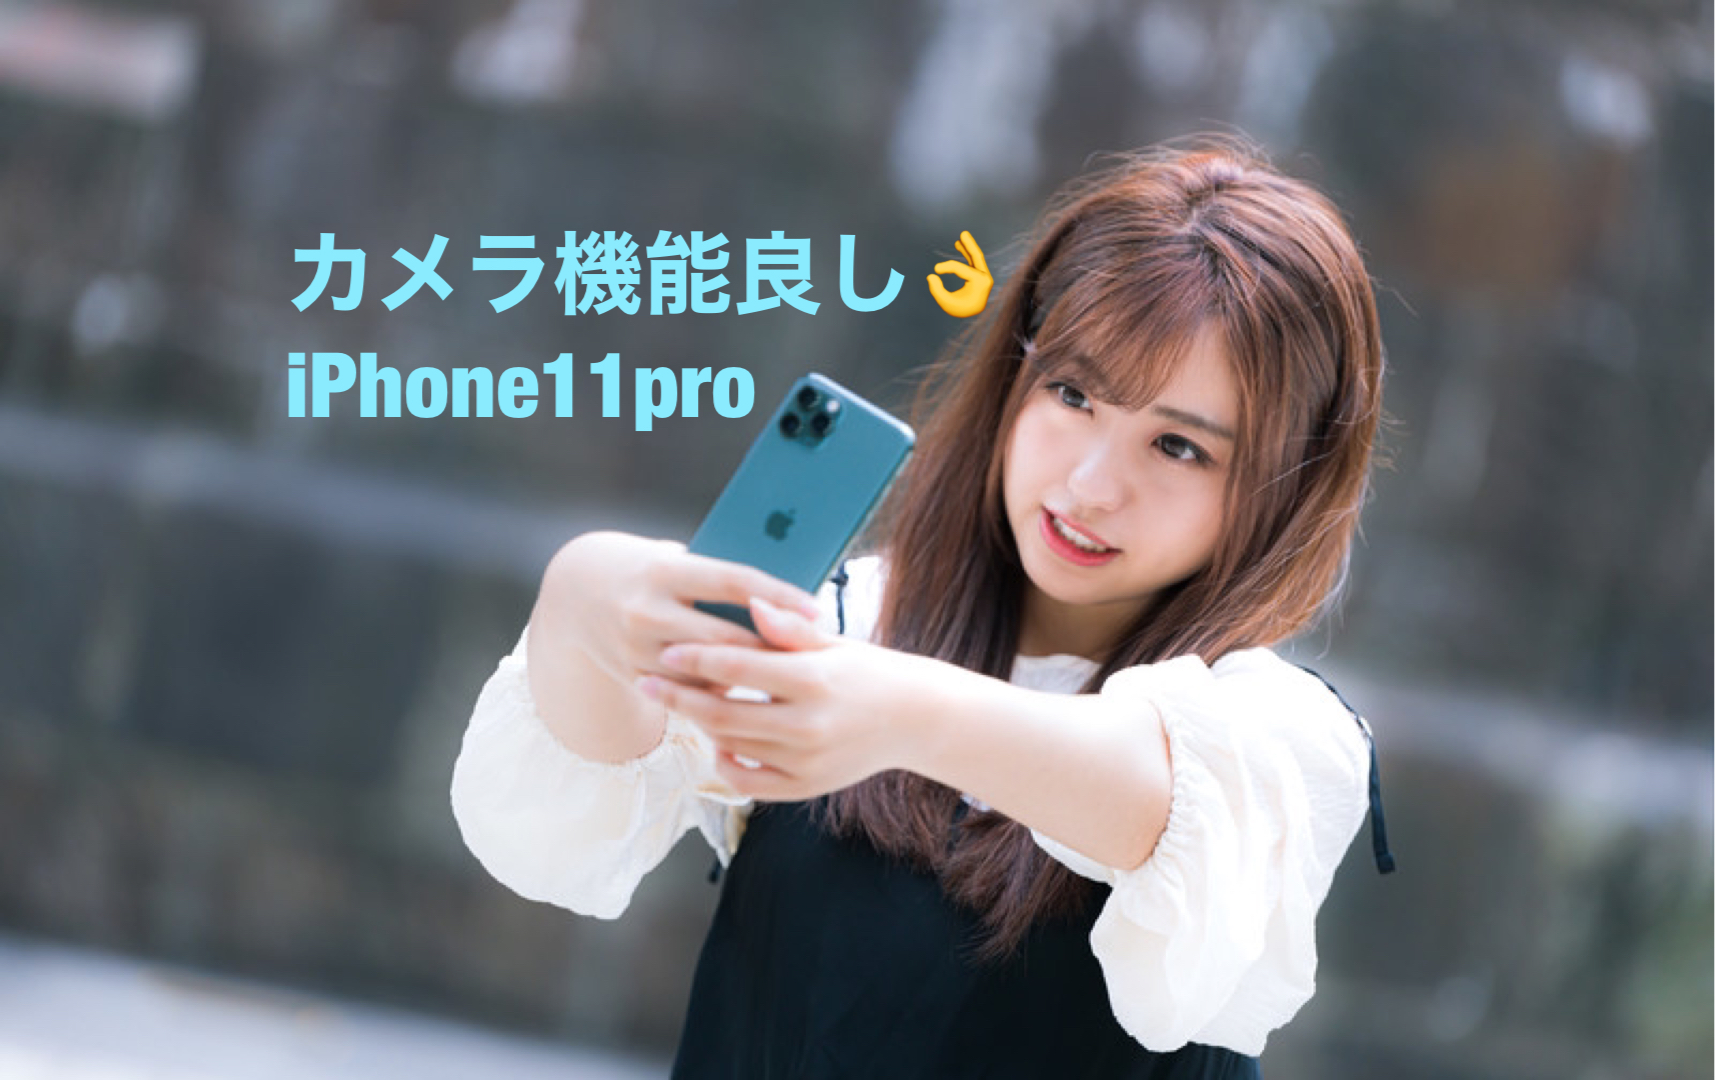 iPhone11proの口コミ・評判【使用感は良く、素晴らしい1台】